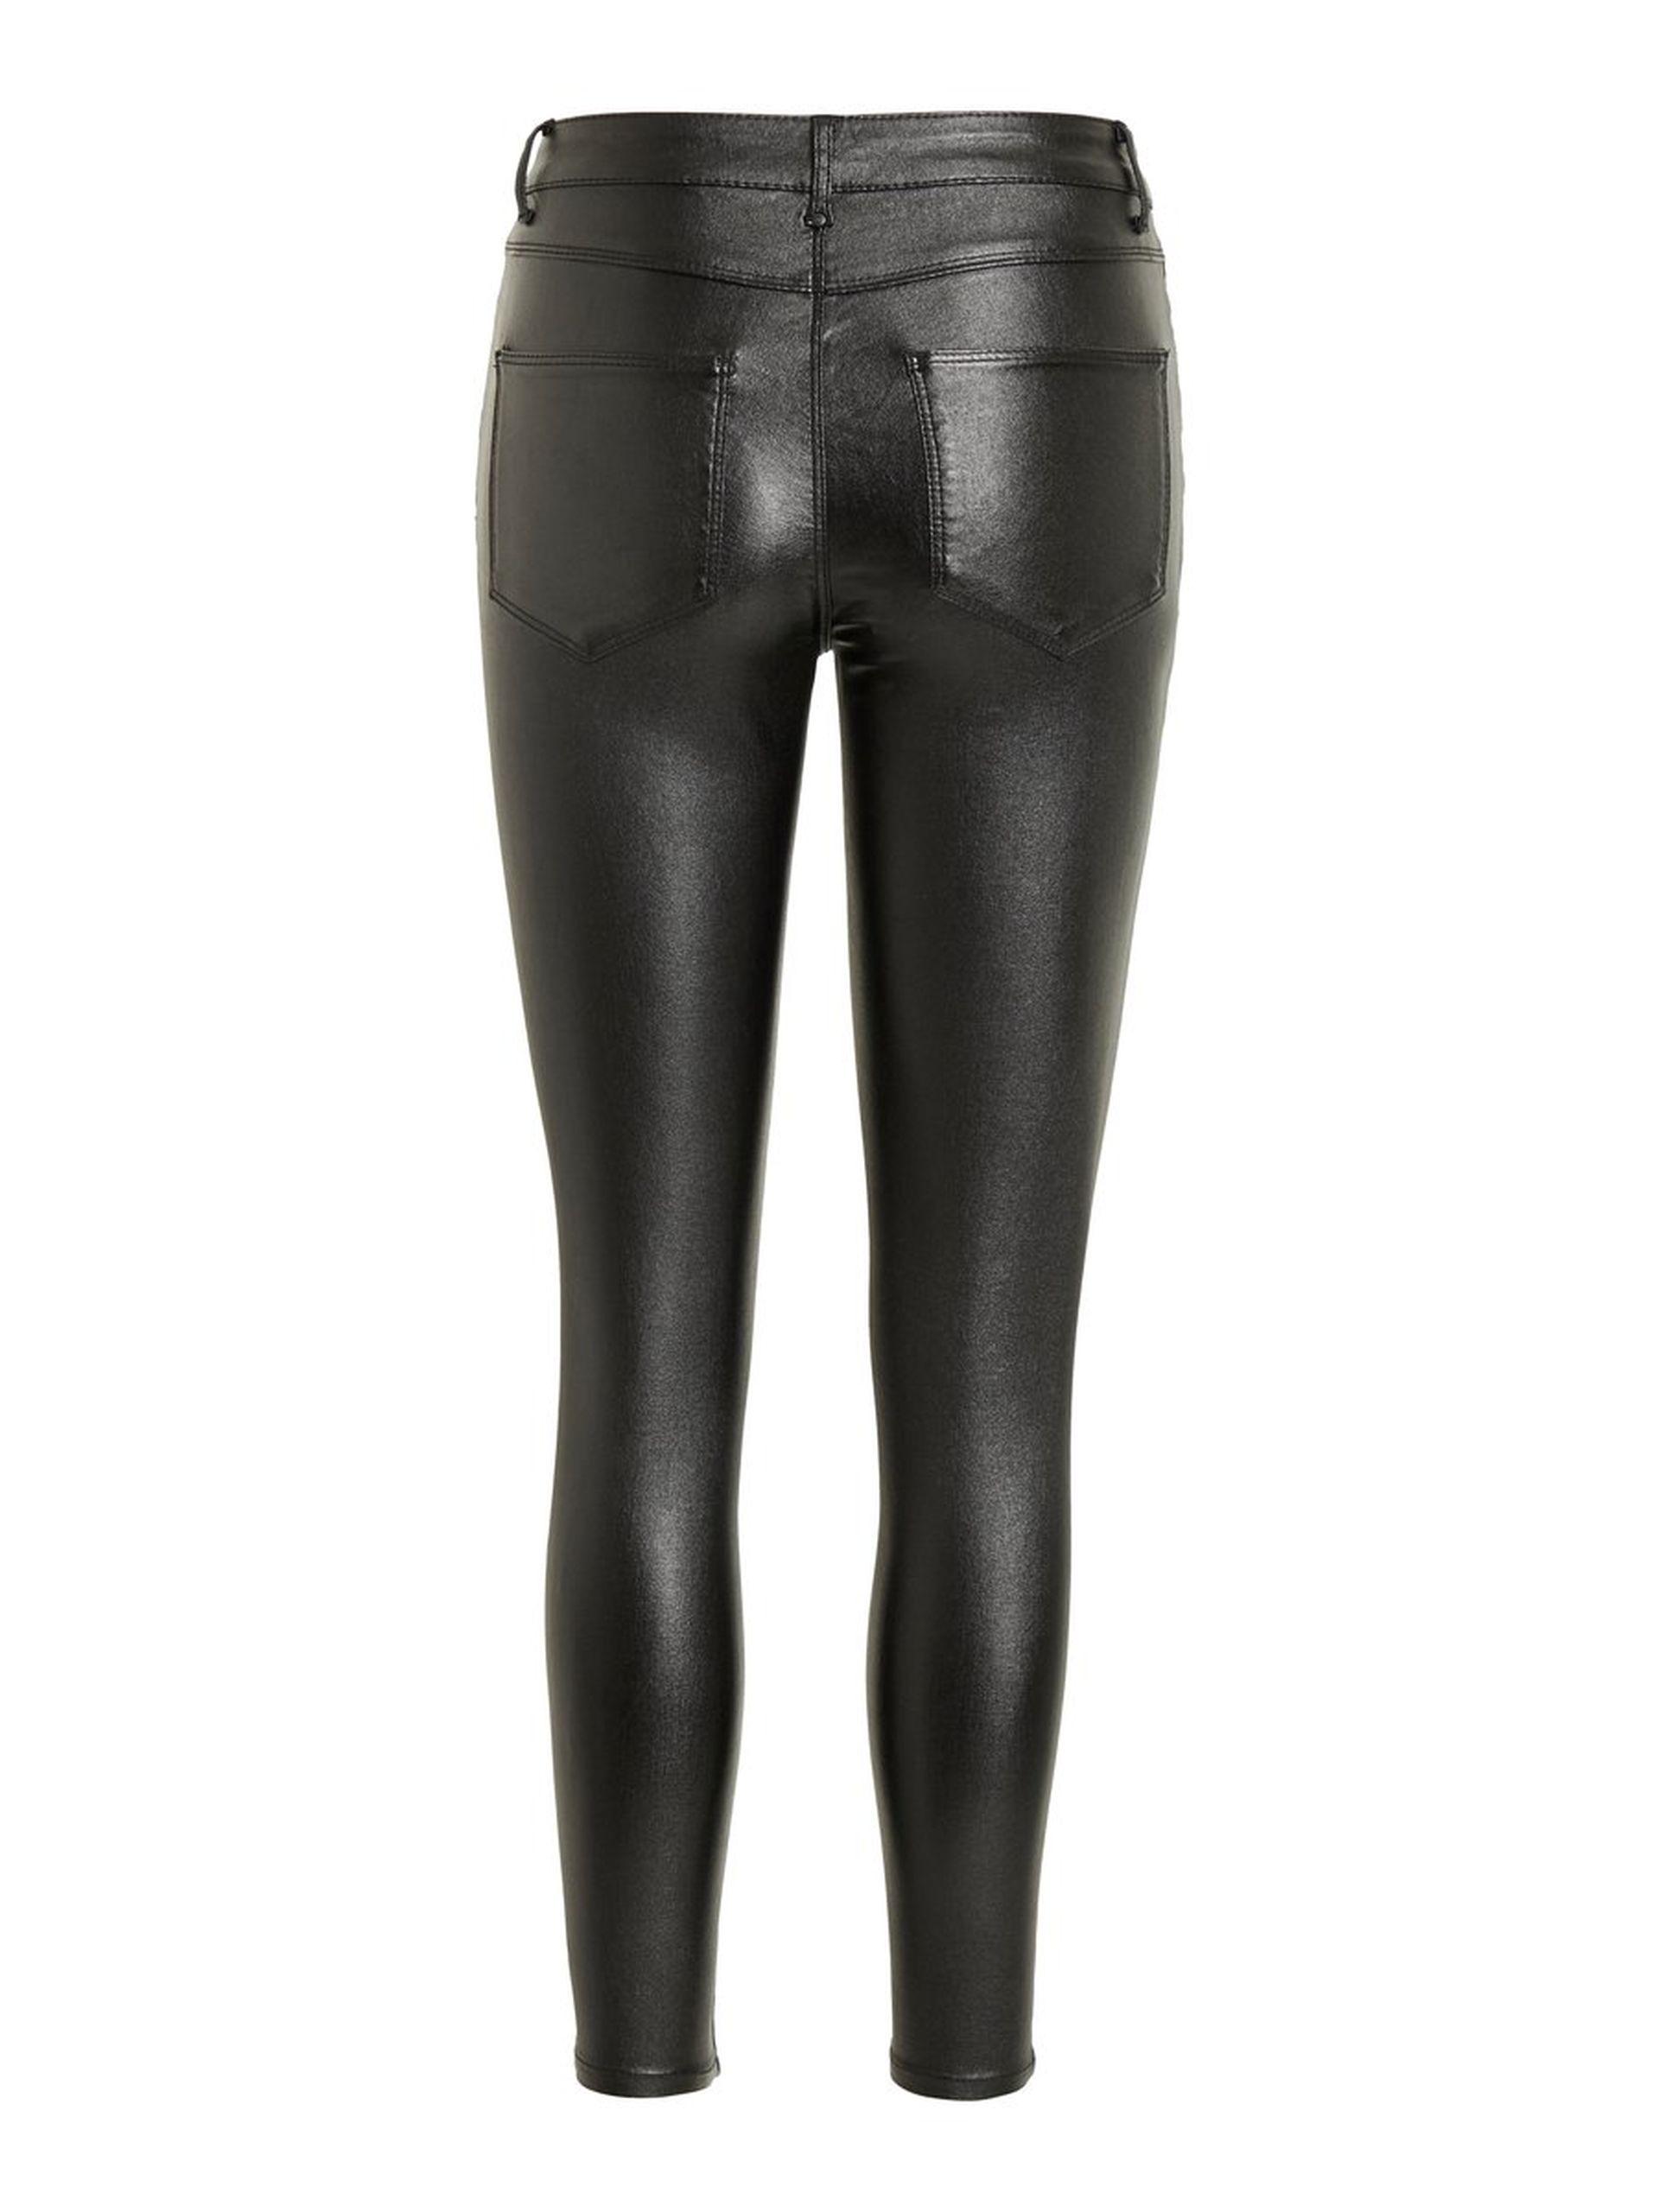 8633e7927 Vila imitert skinnbukse. Sort skinnbuse, svart bukse med glitter ...